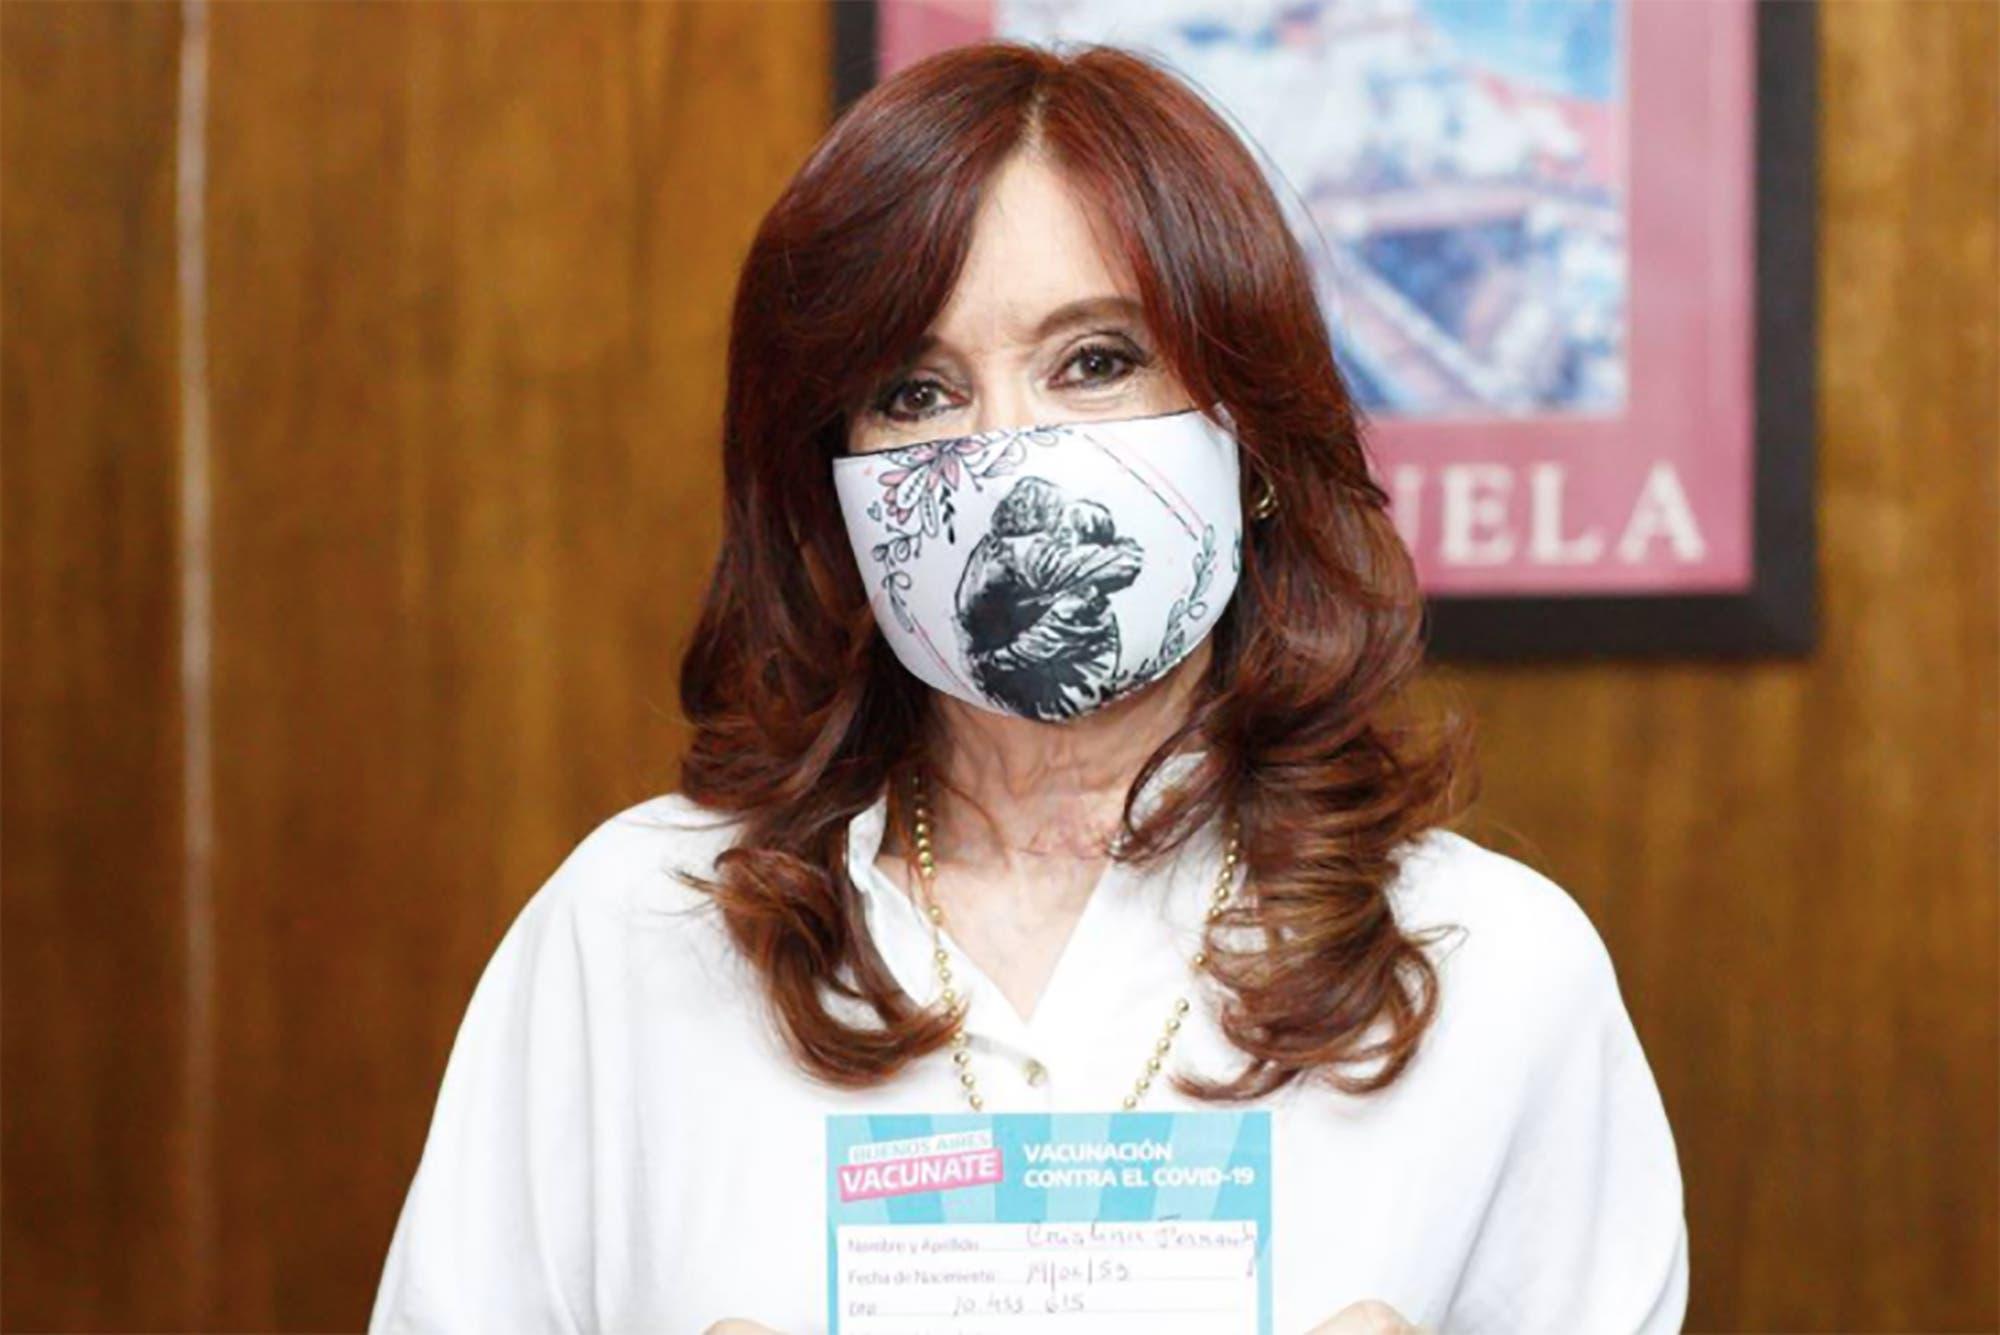 Jubilaciones. Lanzan una campaña para frenar las pensiones de privilegio de Cristina Kirchner